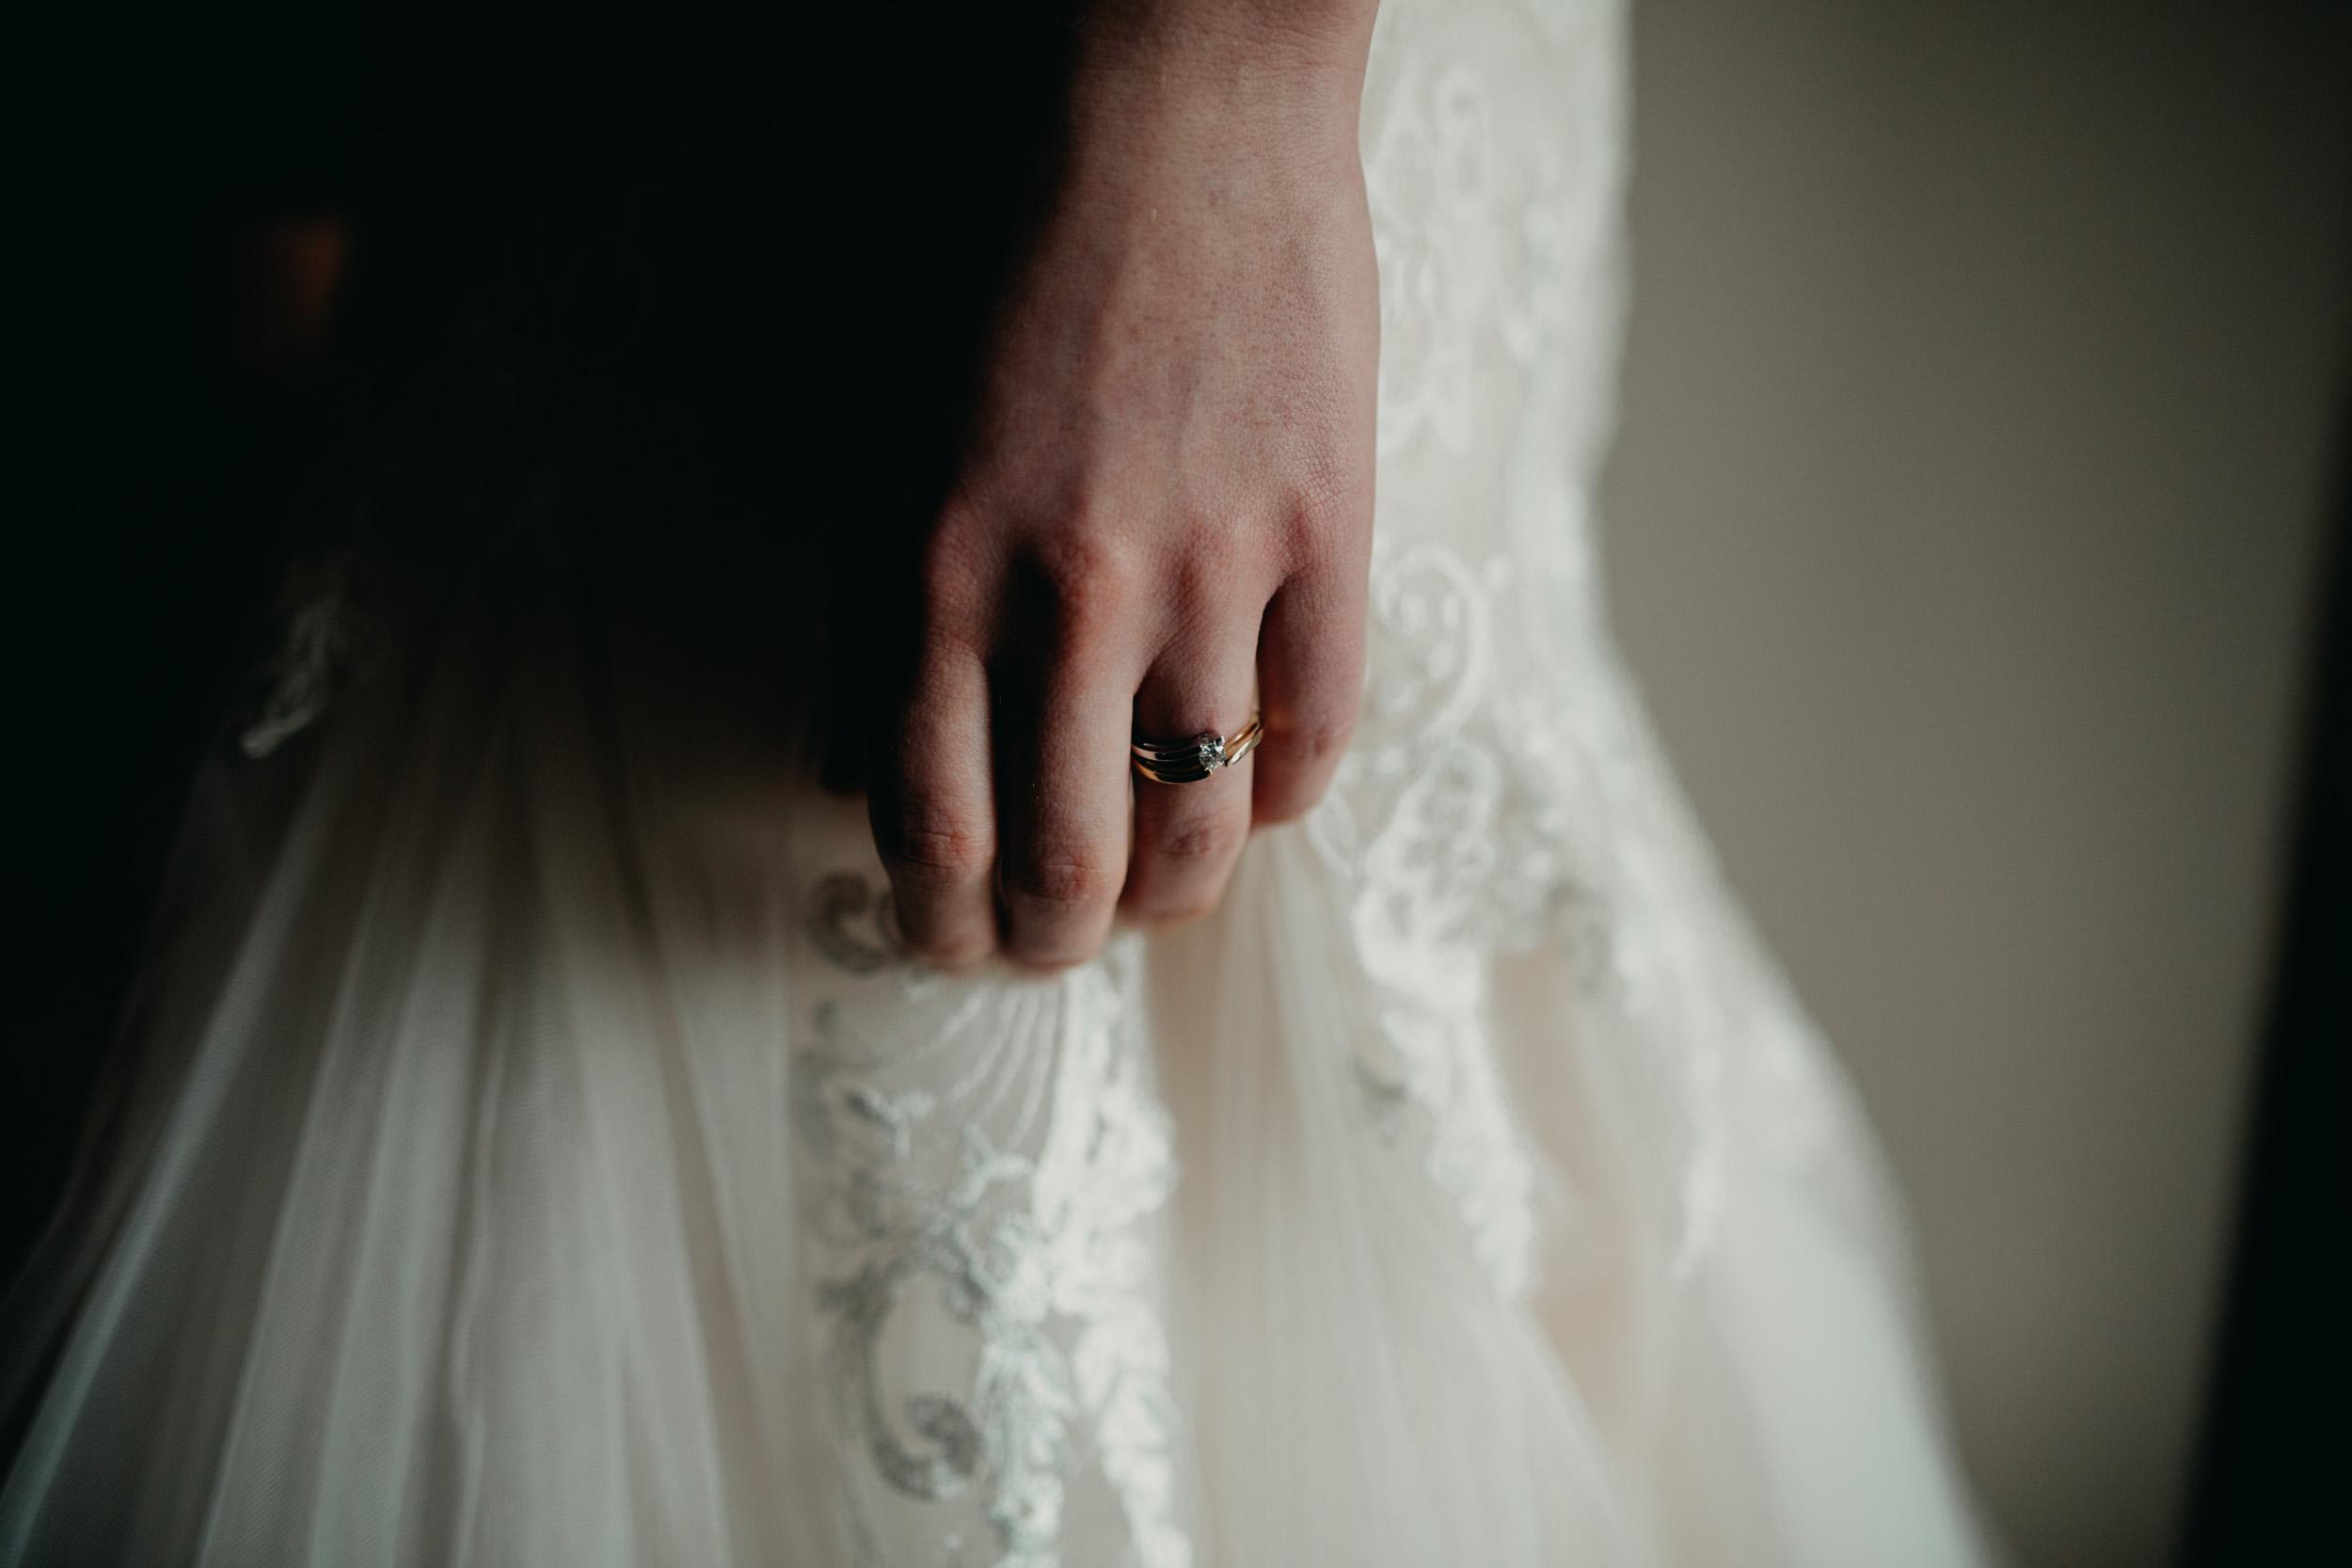 Trouwring-details-trouwen-nijmegen-bruid